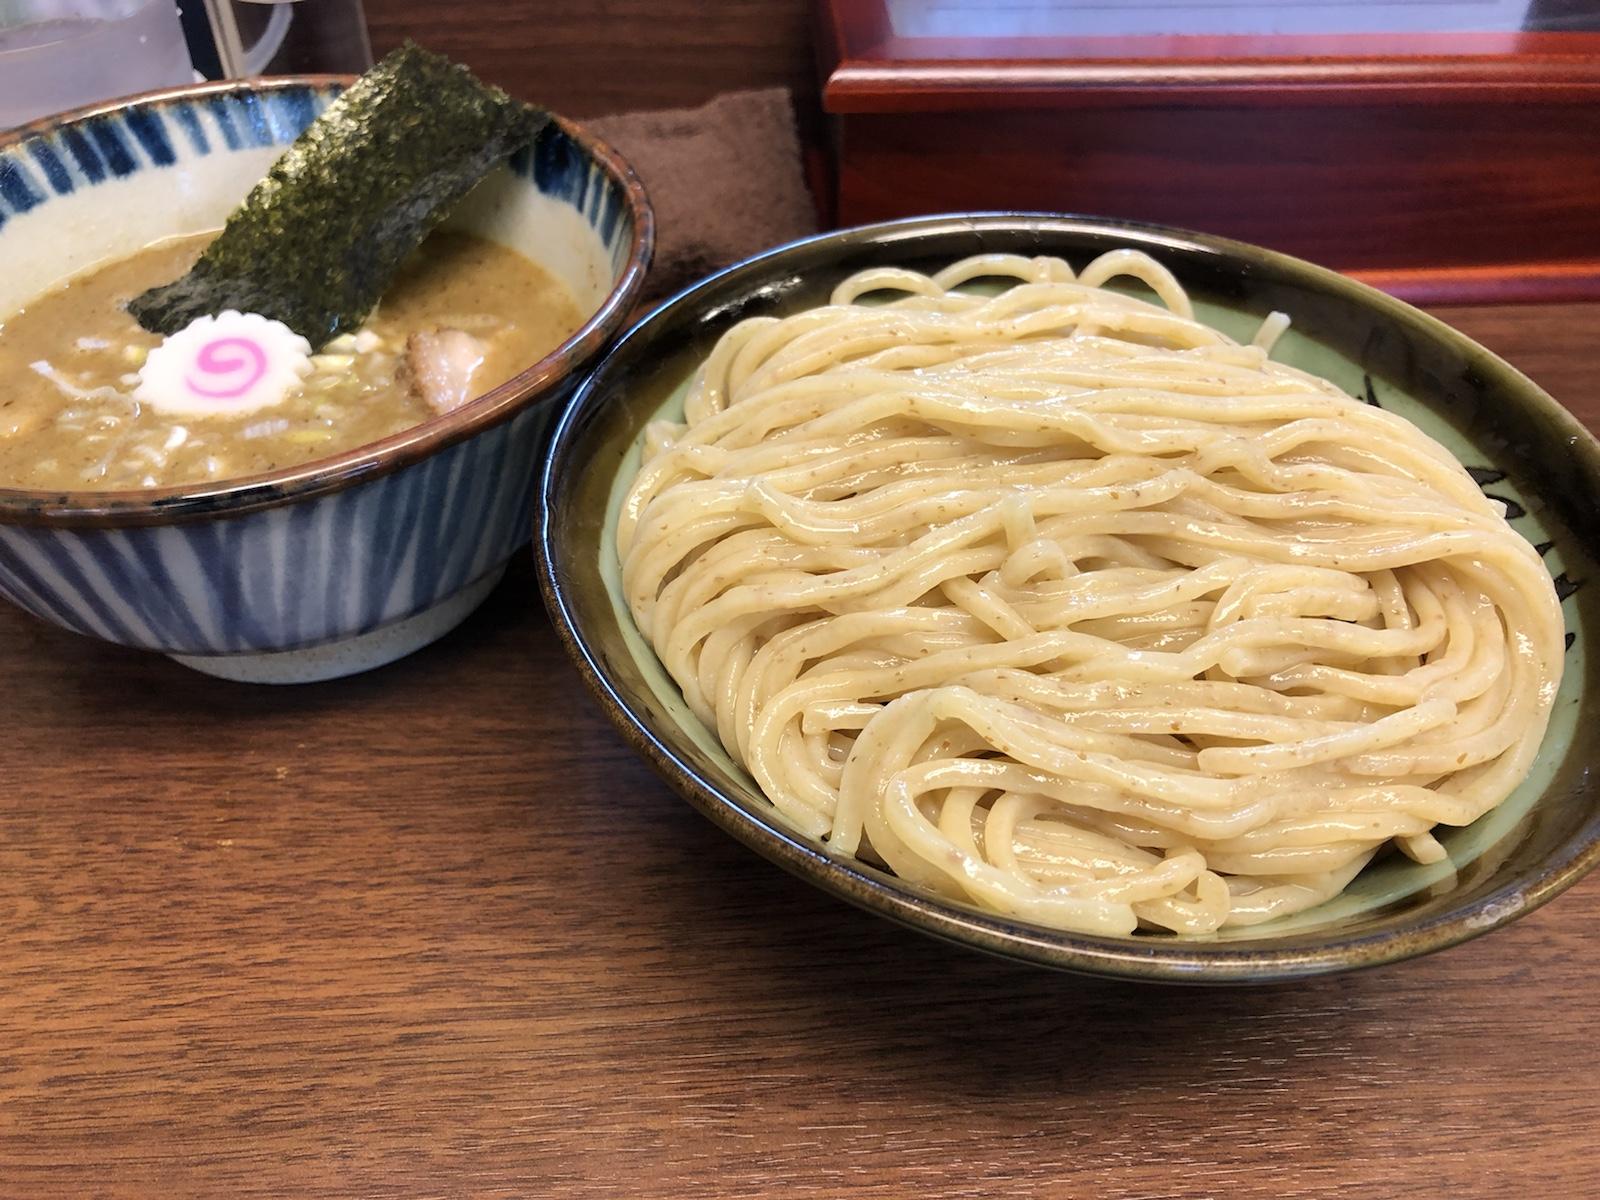 川崎「三三七」 鶏と魚介の黄金比、濃厚つけめん煮番搾り!